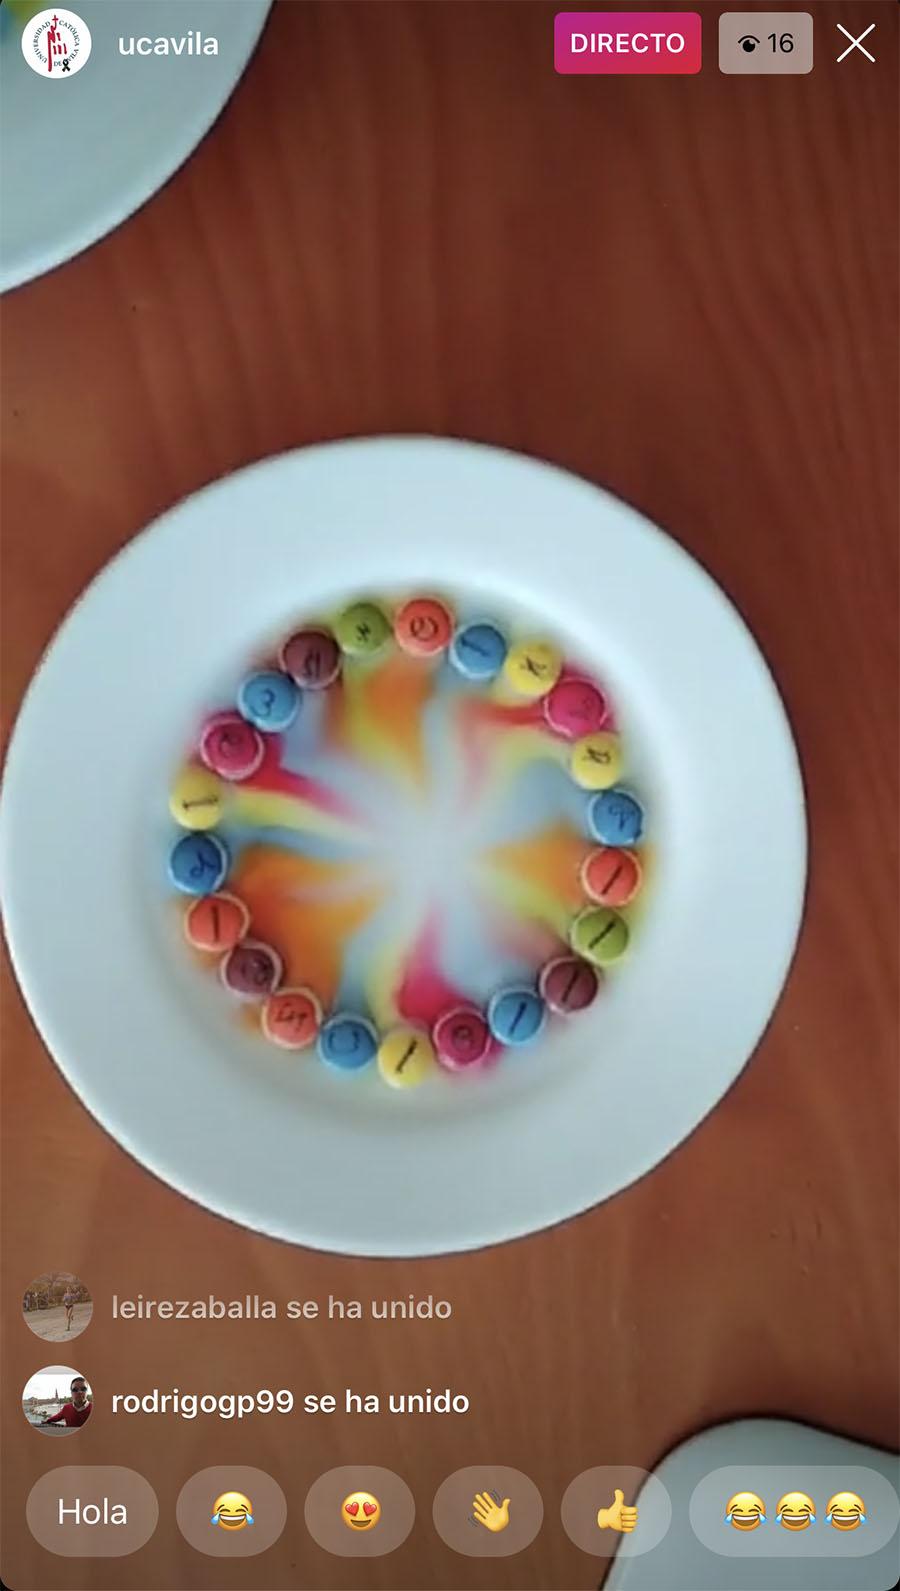 Ciencia de colores con la UCAV